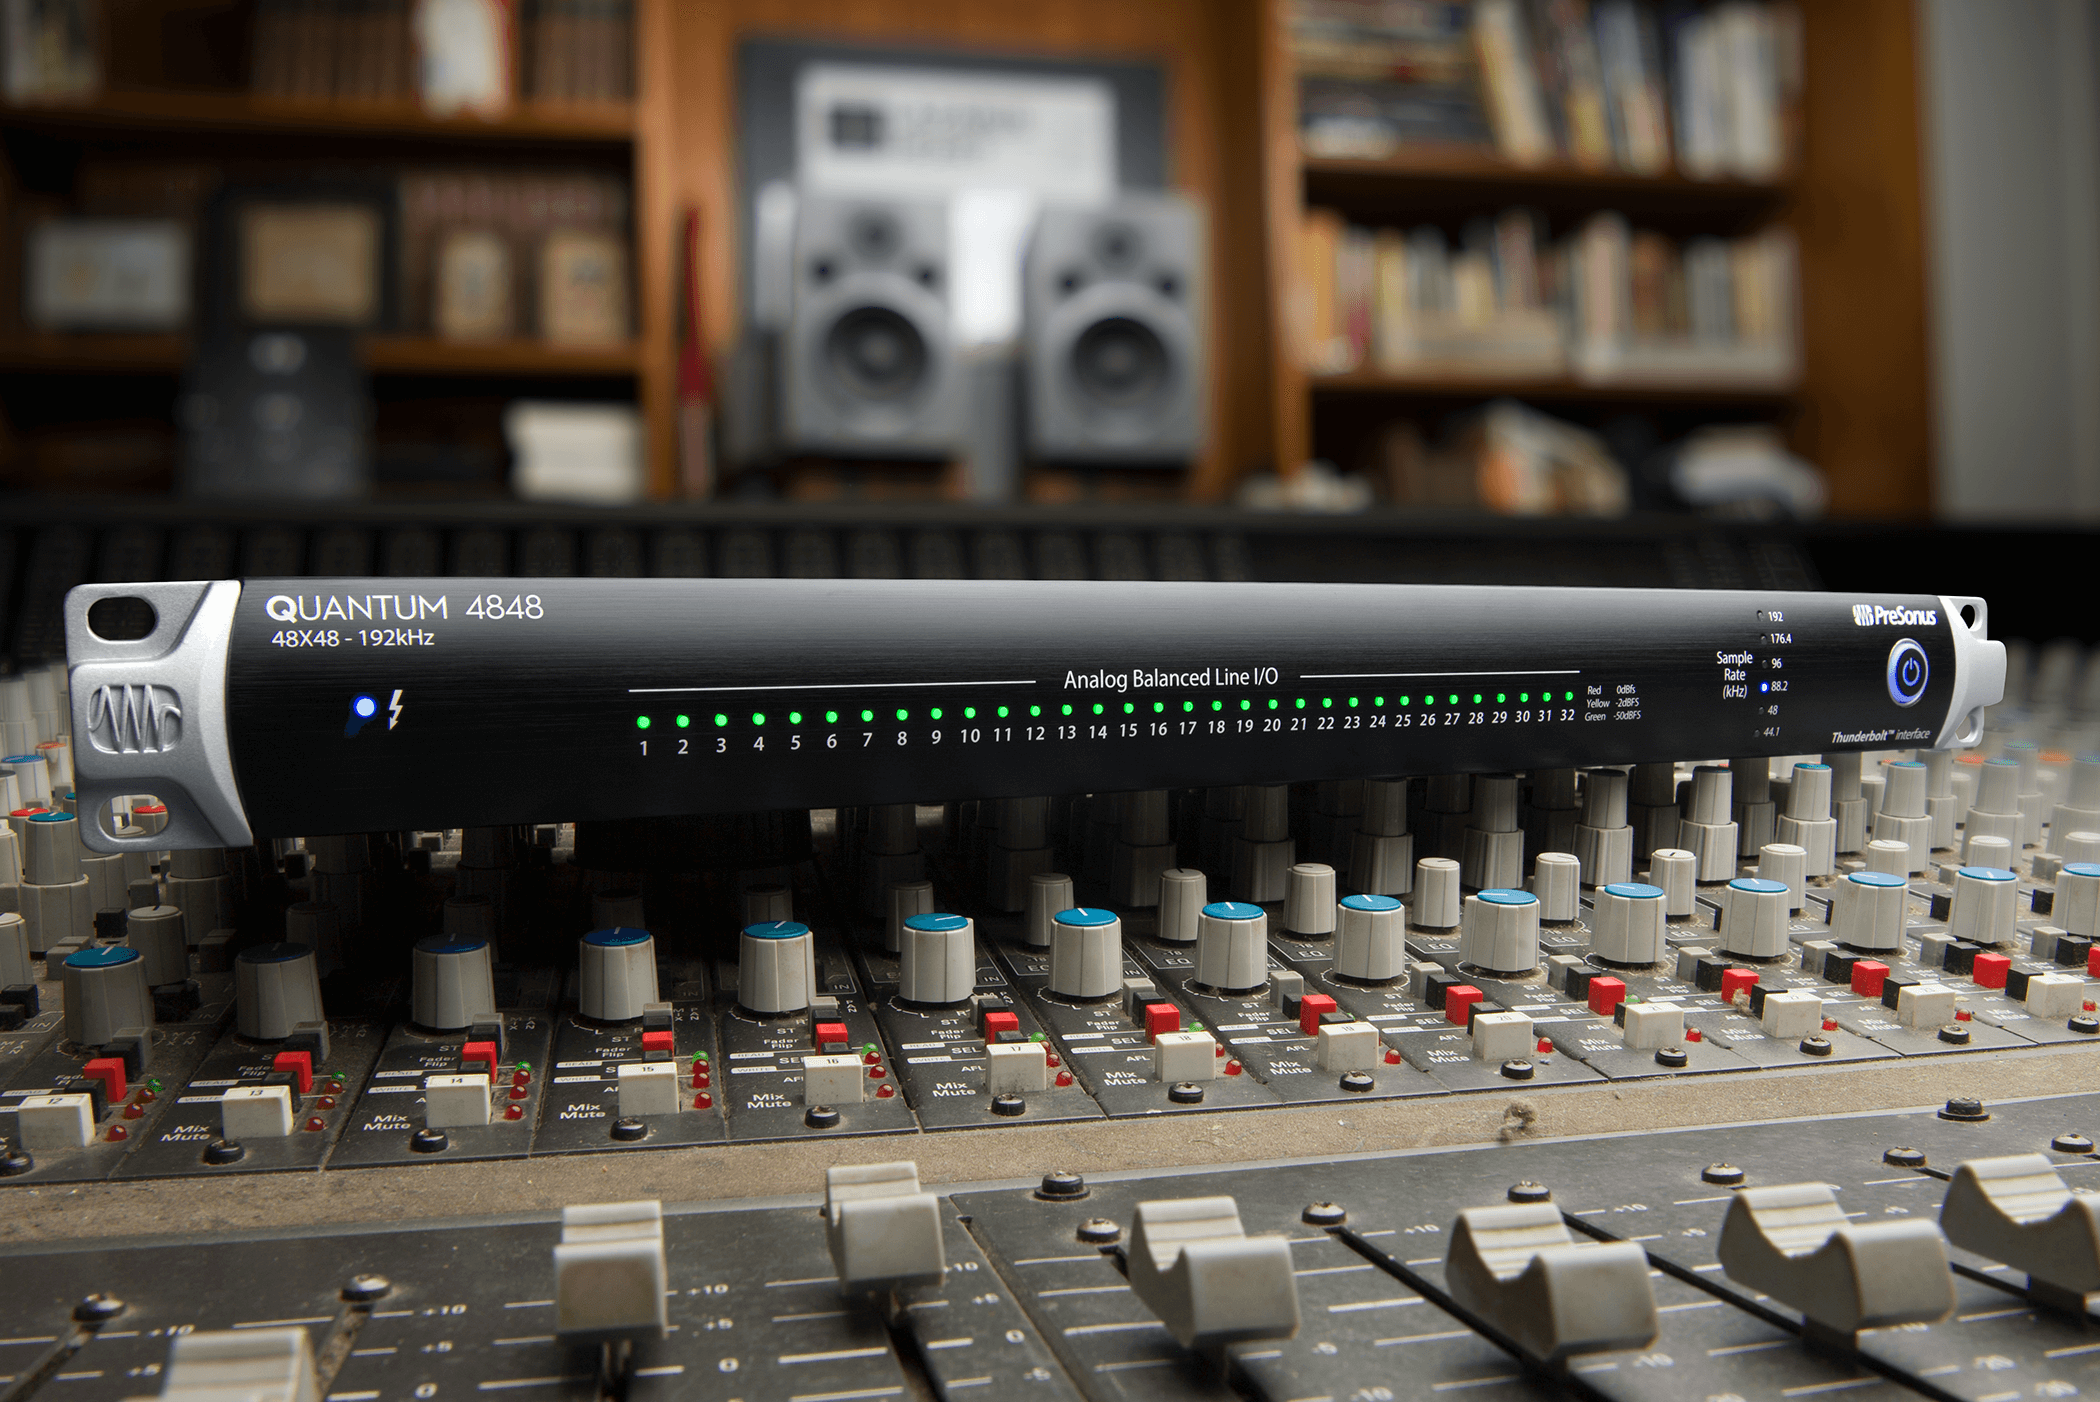 PreSonus Ships Quantum 4848 Professional Recording Audio Interface